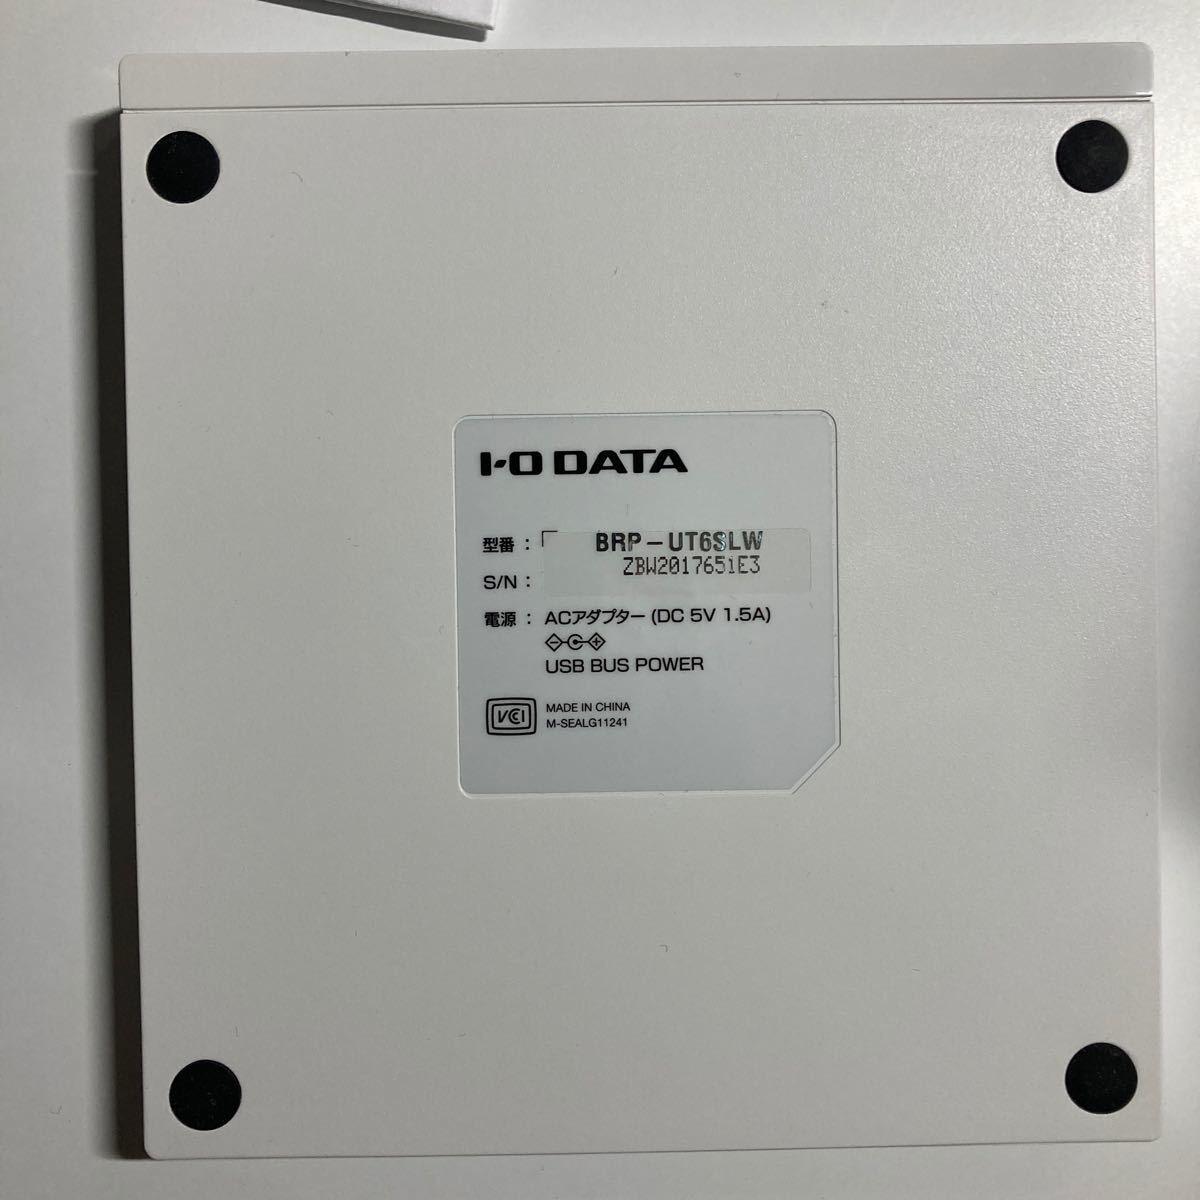 ポータブルブルーレイドライブ I-O DATA